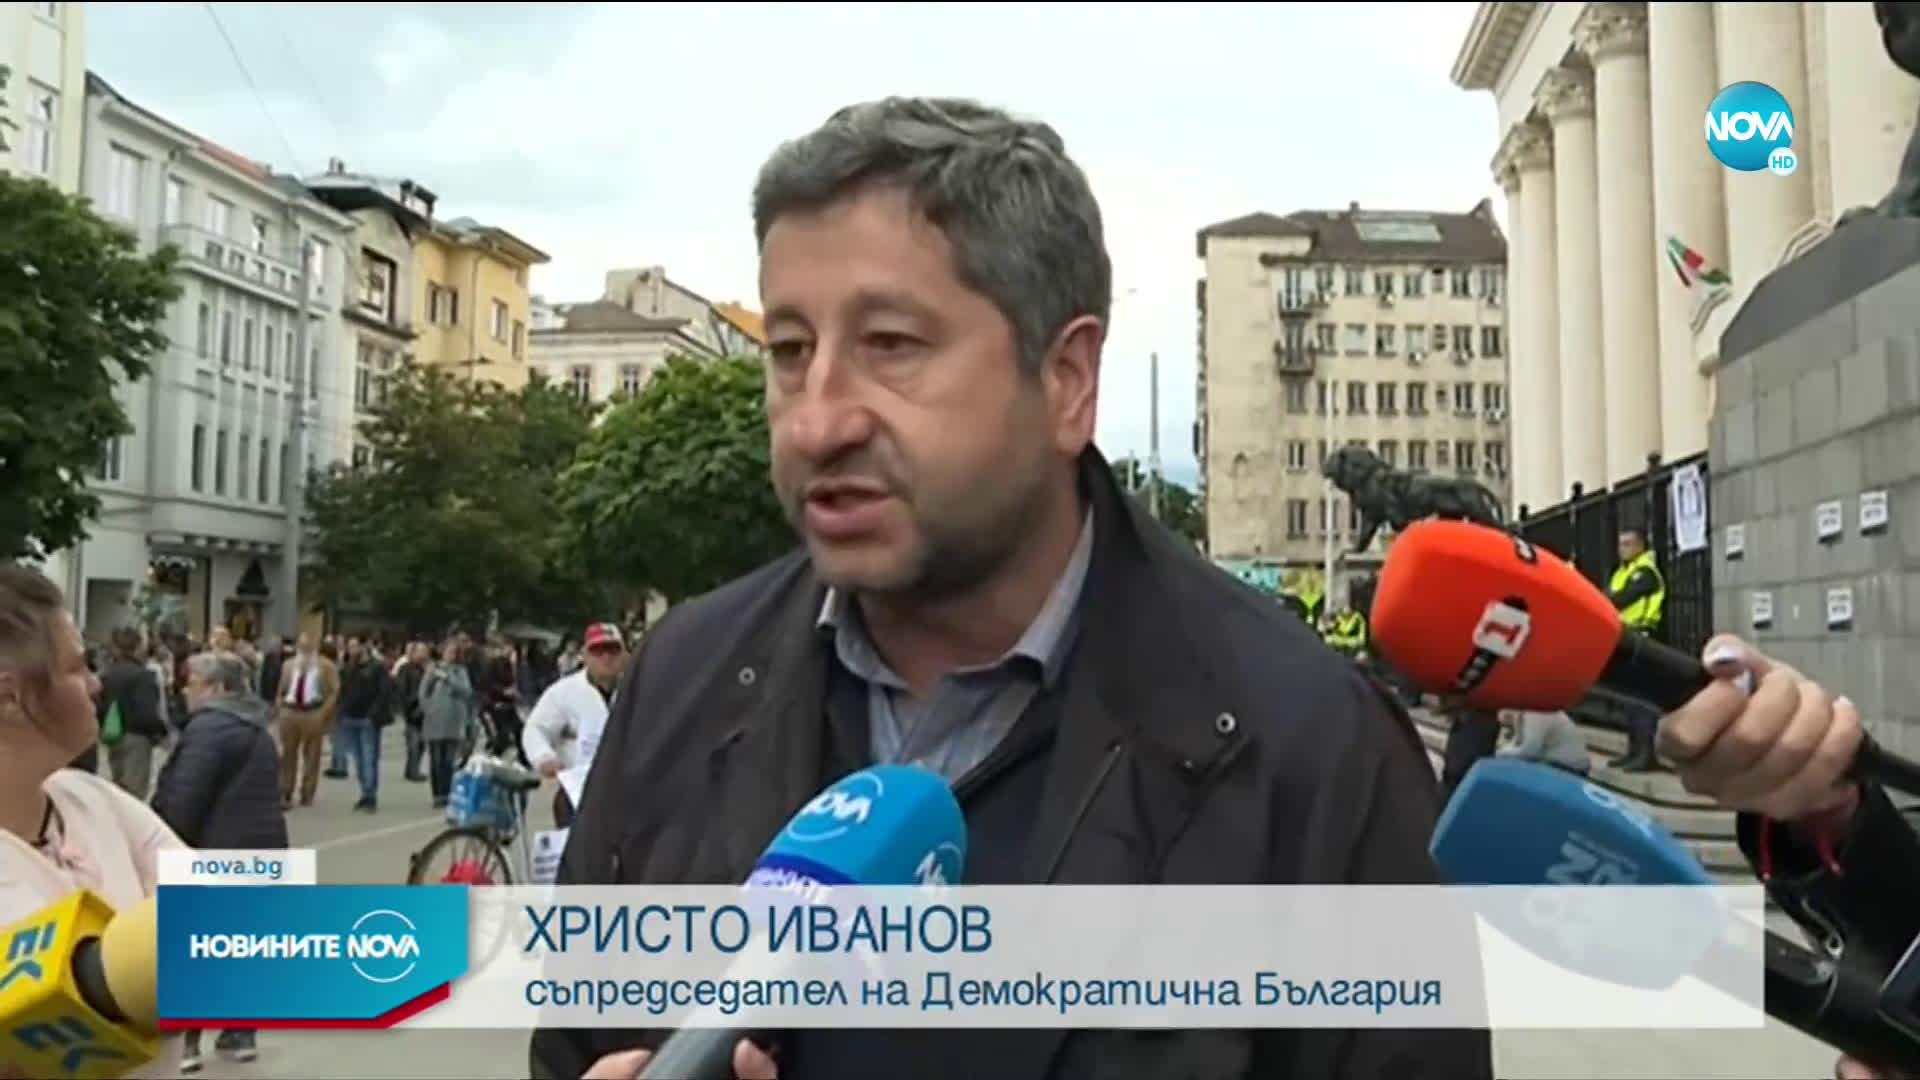 Христо Иванов: Приятелски жест от страна на американското правителство